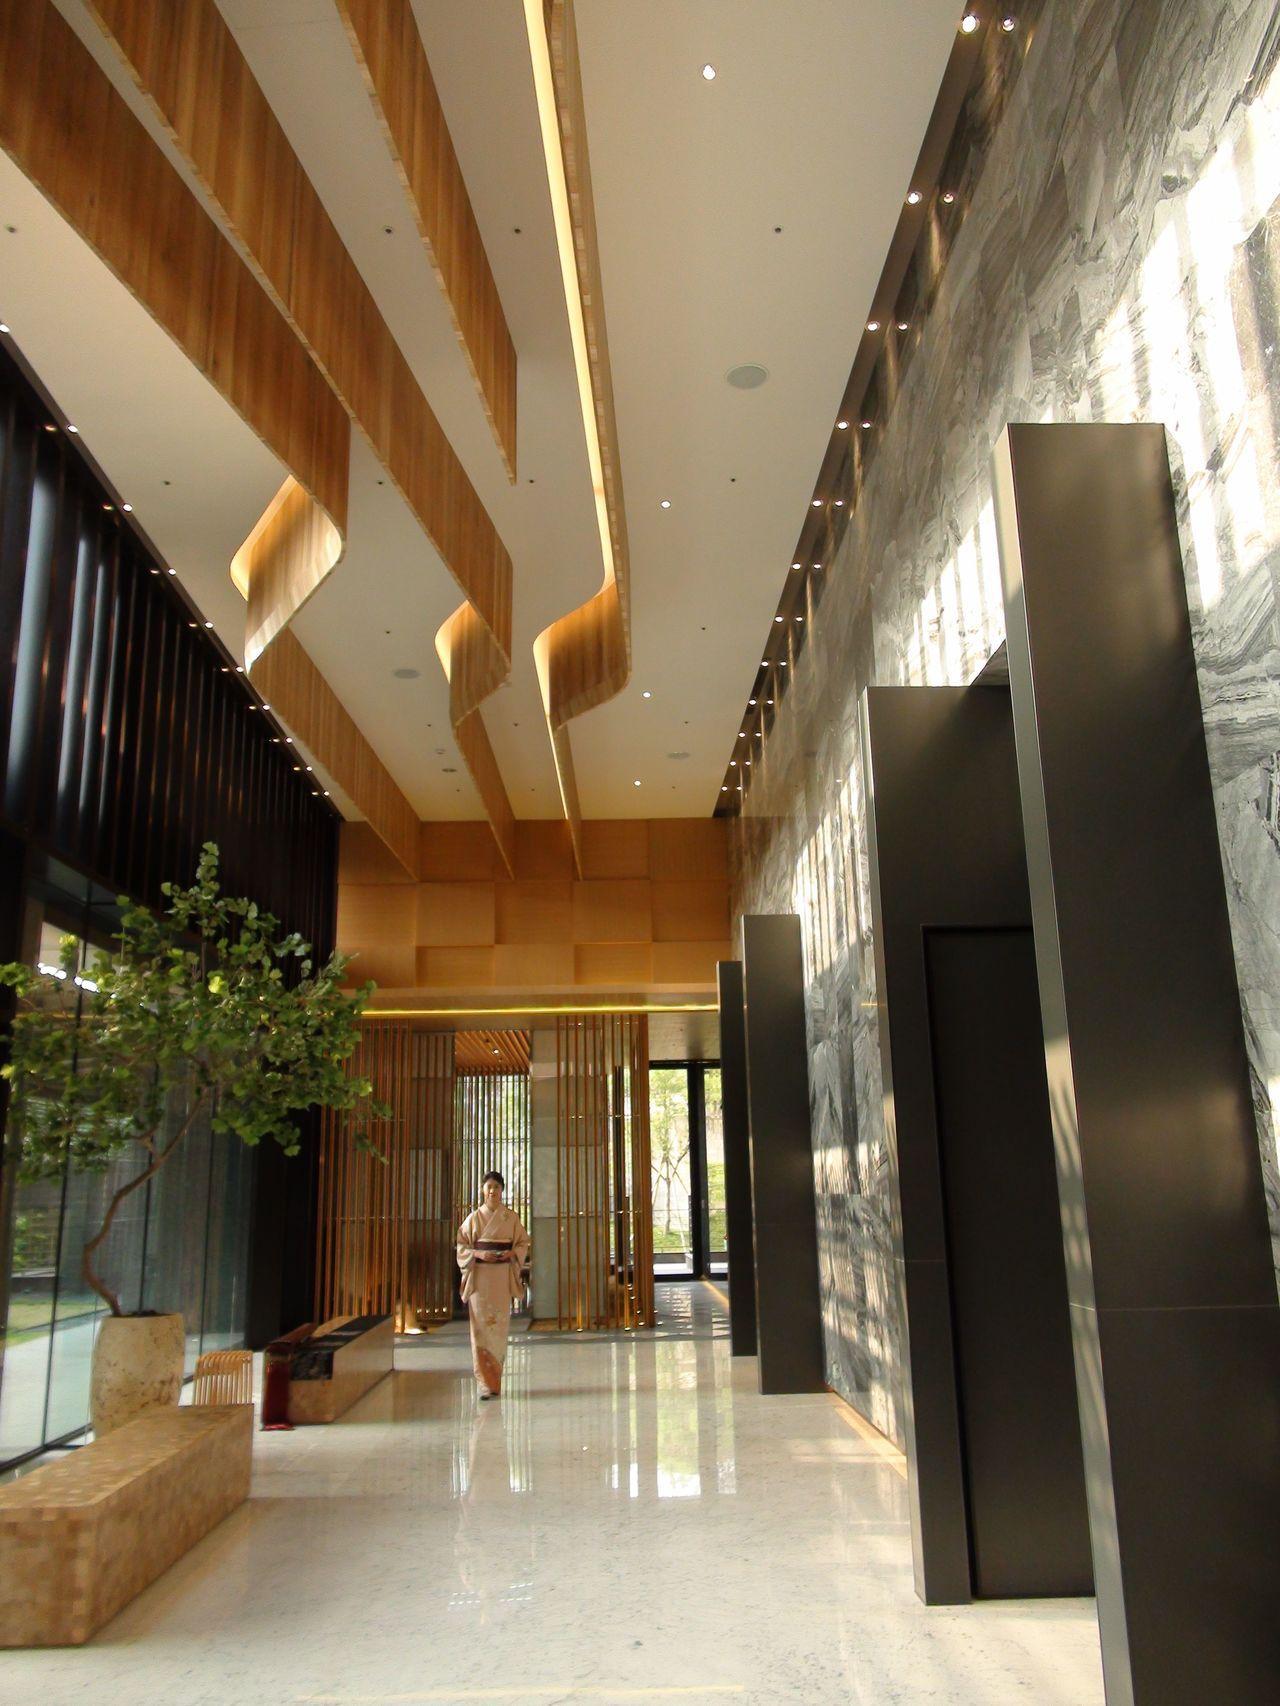 棠宇建設「景中泱」,21層建築每層只有2戶,全棟38戶,每戶約120坪,6千萬元...